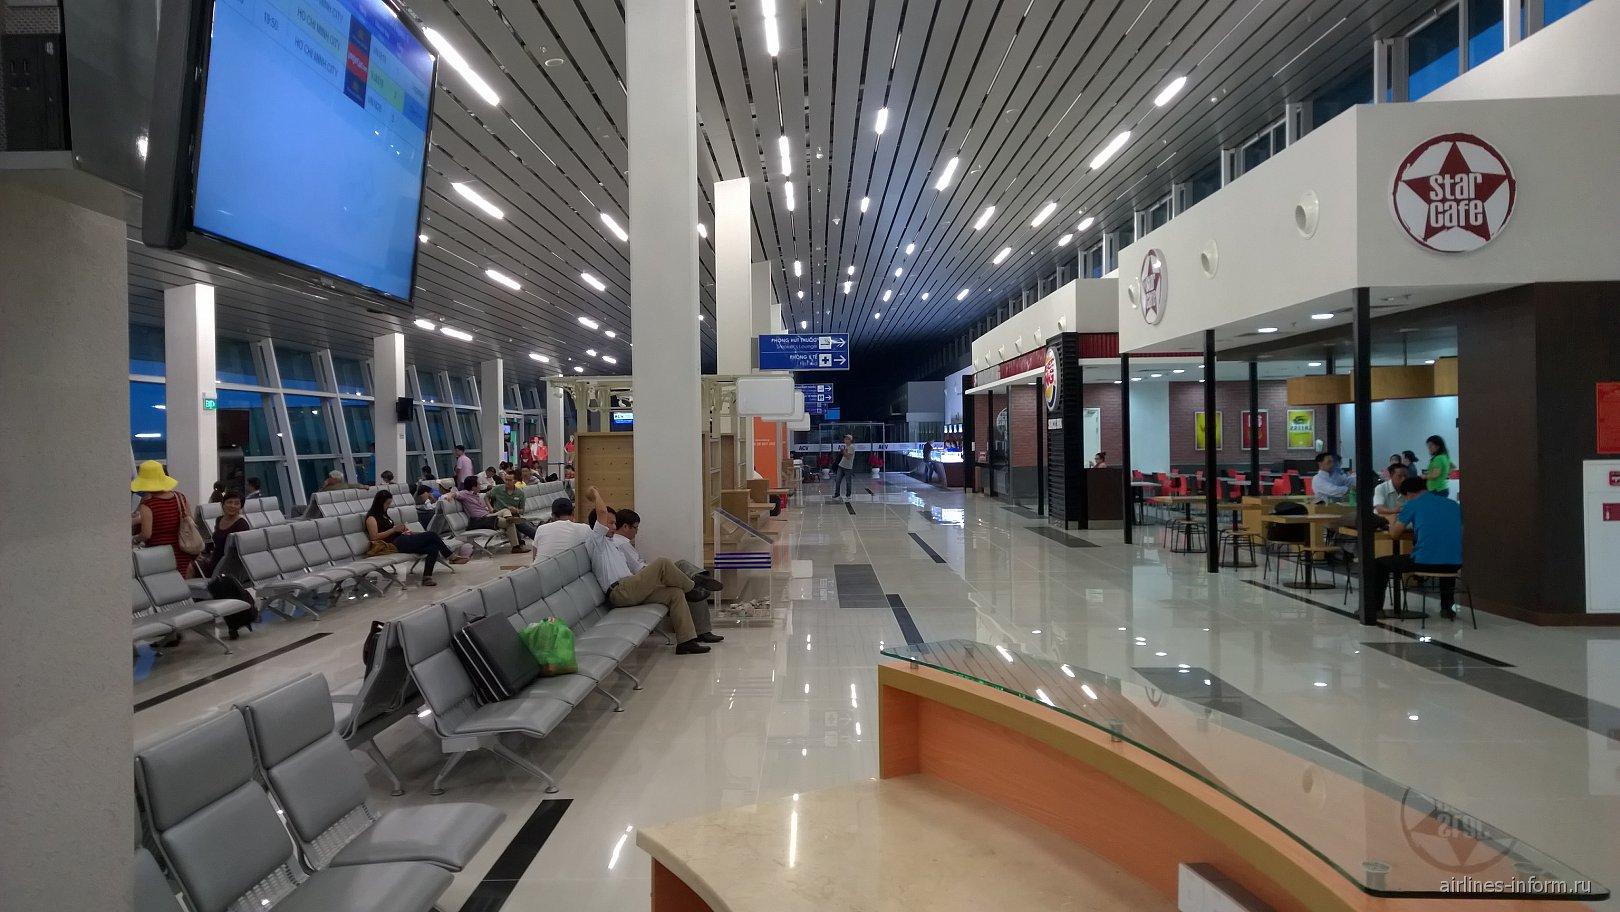 Фукуок, аэропорт: обзор